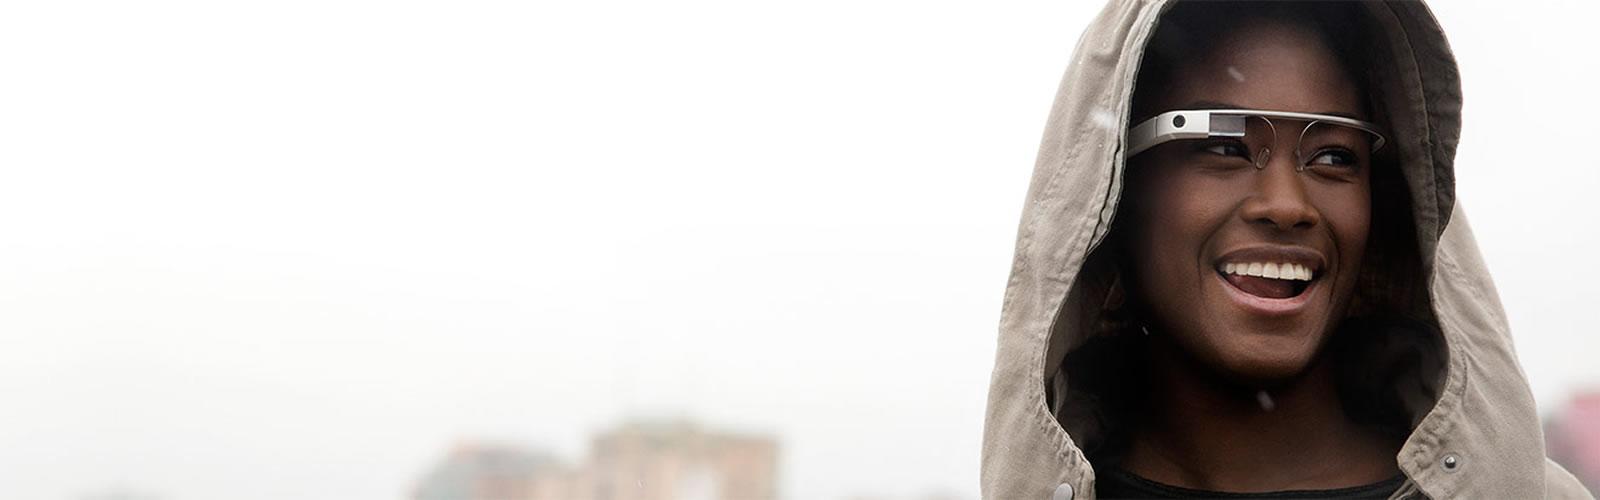 Wearable: è tempo di prepararsi, tra opportunità e rischi